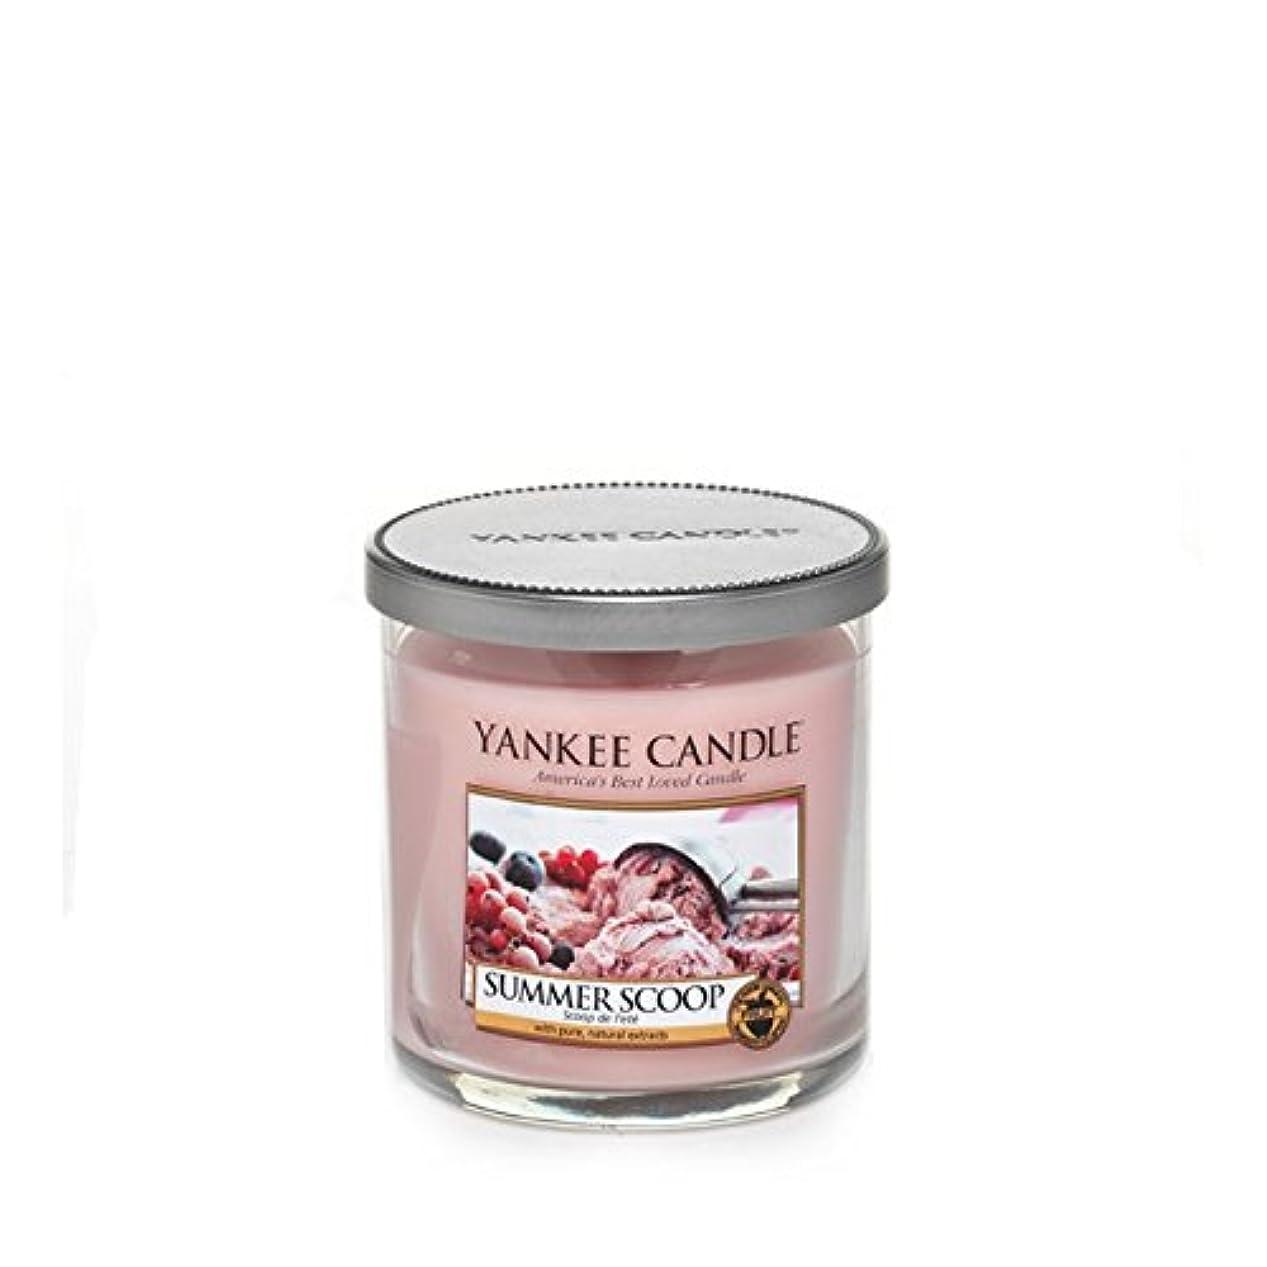 共和党適応石化するYankee Candles Small Pillar Candle - Summer Scoop (Pack of 2) - ヤンキーキャンドルの小さな柱キャンドル - 夏のスクープ (x2) [並行輸入品]